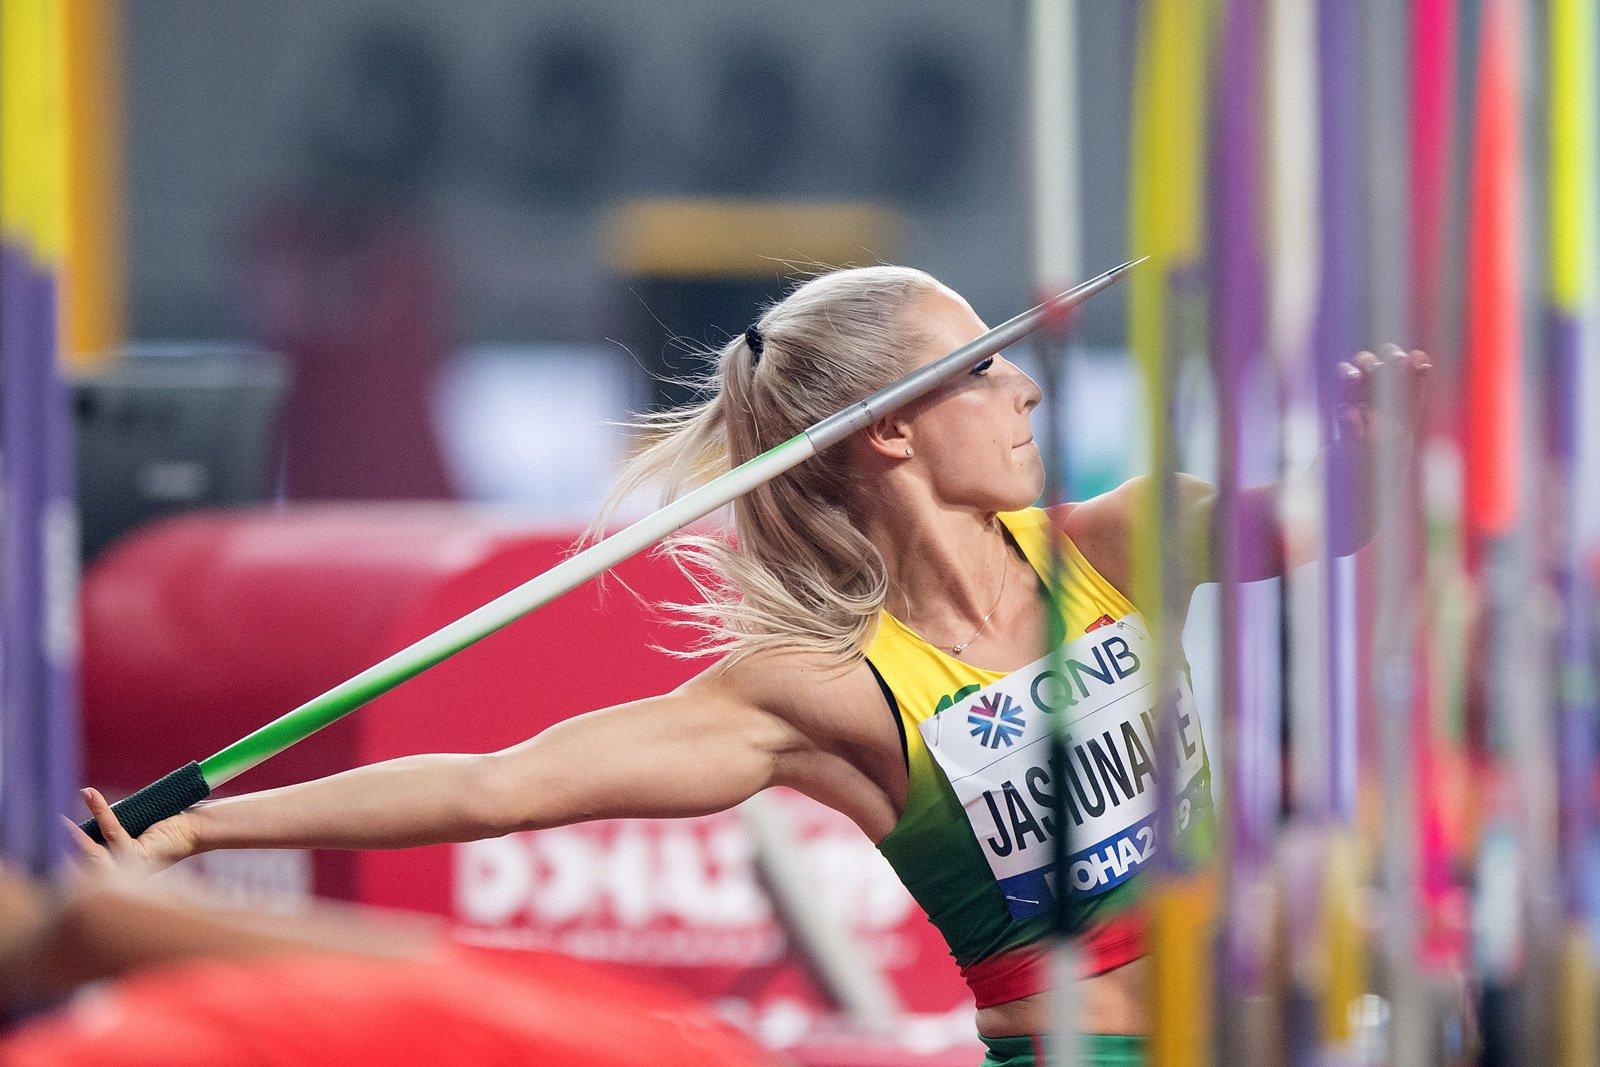 Penktadienio lietuvių olimpiečių startai: ieties metikės laukia finalas, o penkiakovininkės atliks paskutines rungtis